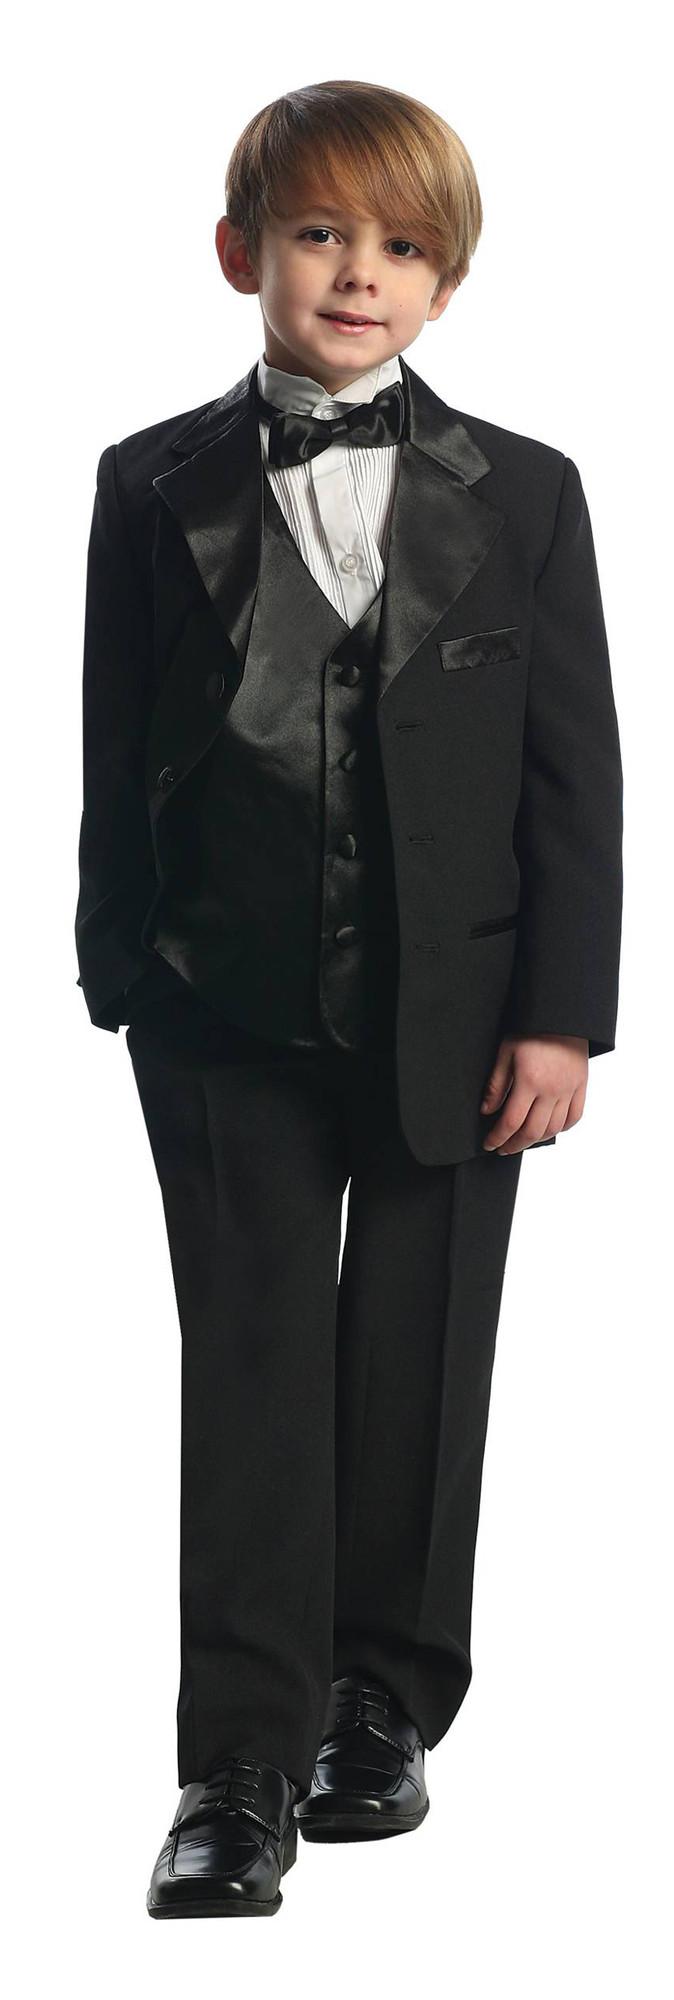 BIMARO Jungen Anzug Felix schwarz Kinderanzug Taufanzug festlich Hemd weiß Weste Hochzeit Kommunion Baby